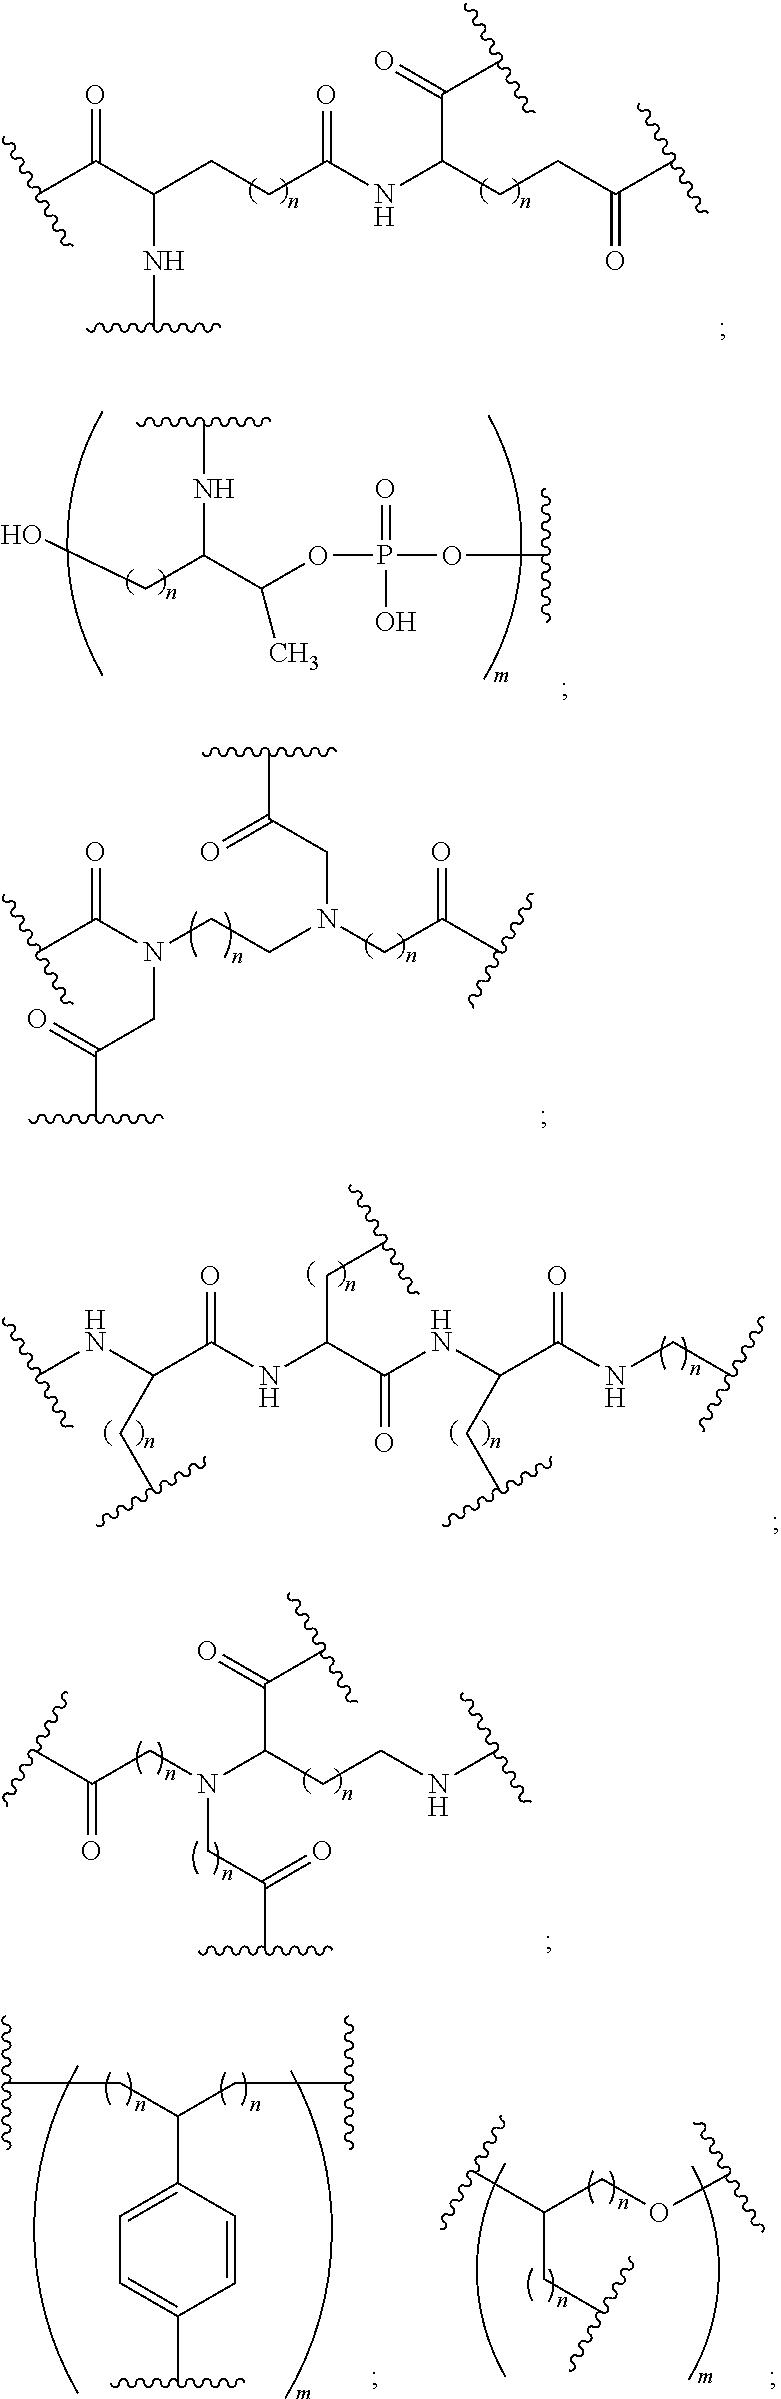 Figure US09932581-20180403-C00164